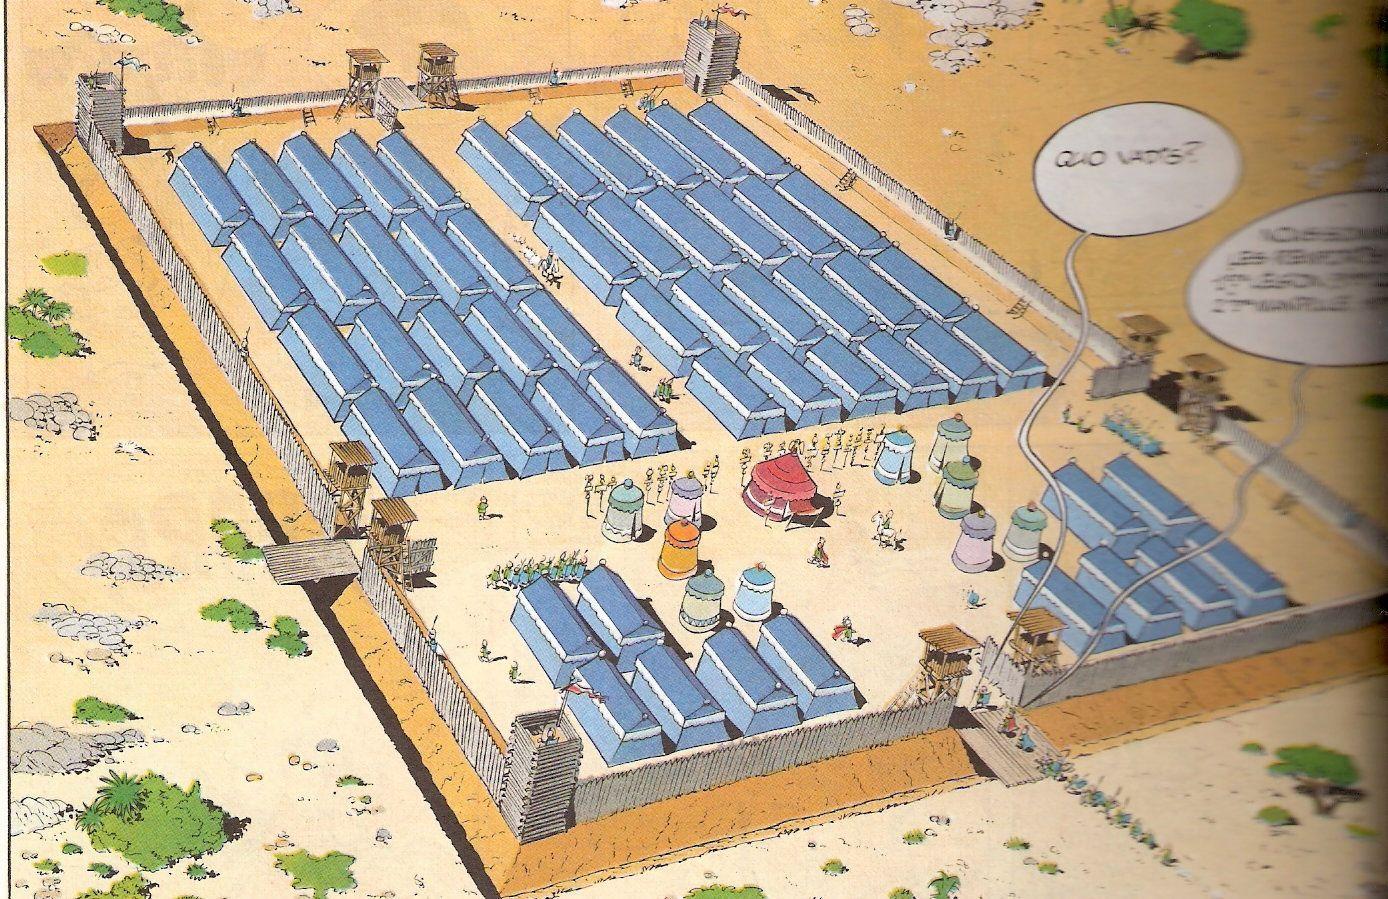 ¿Cuál de estos no era un campamento romano que rodeaba la aldea gala?